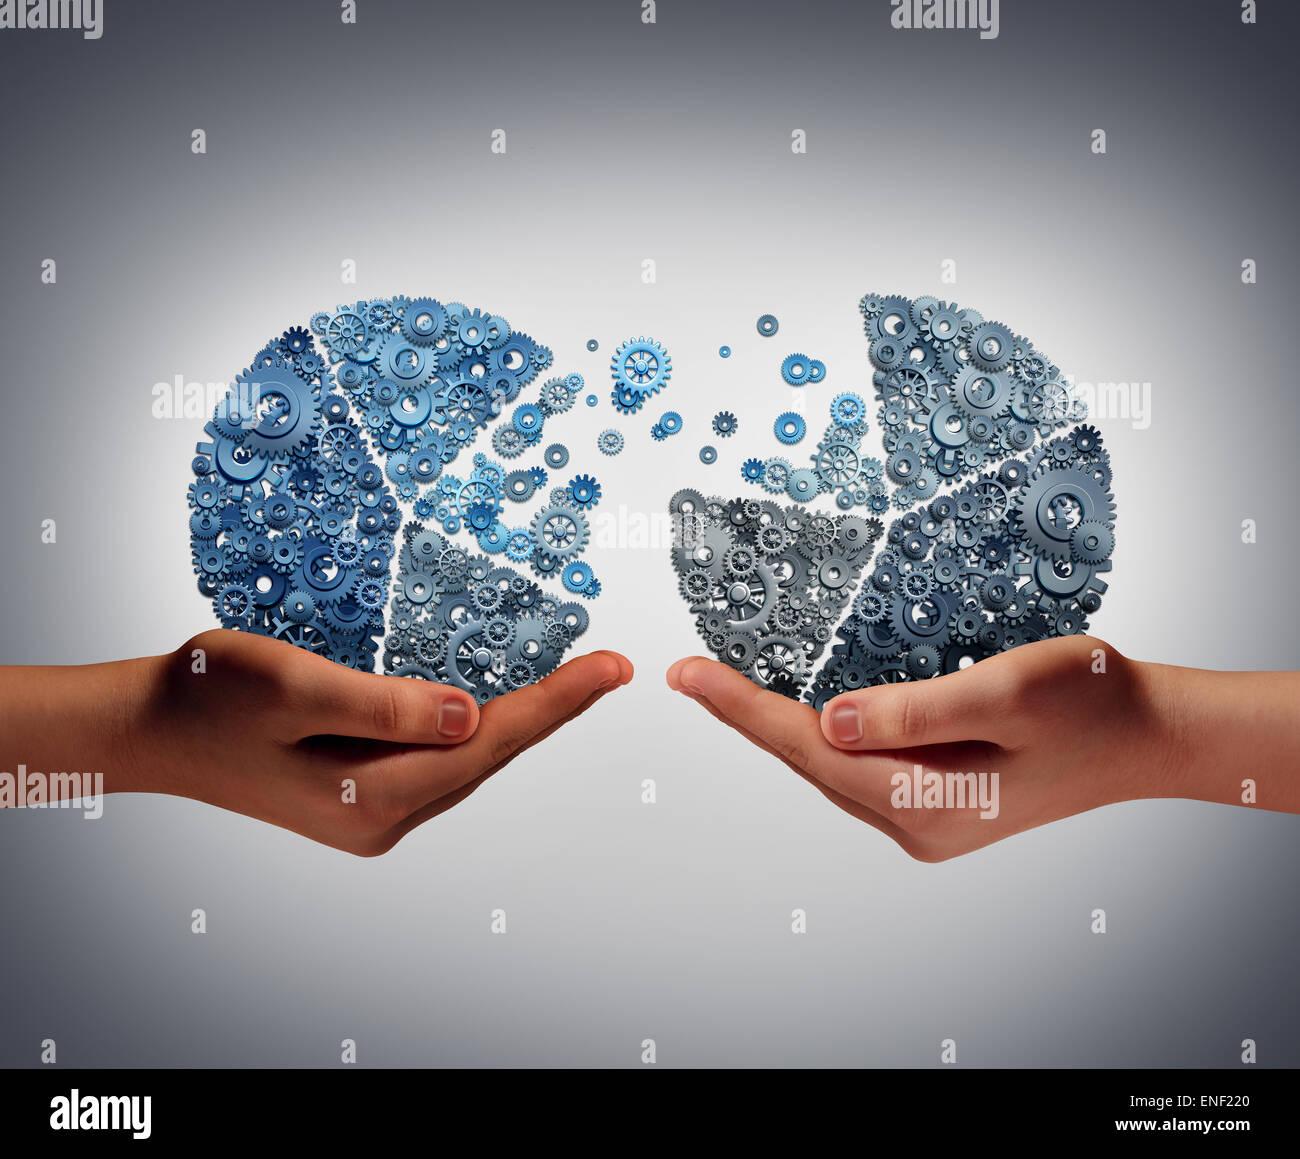 Investire insieme la concezione di business e di sostegno finanziario sostegno dell'innovazione come due persone Immagini Stock